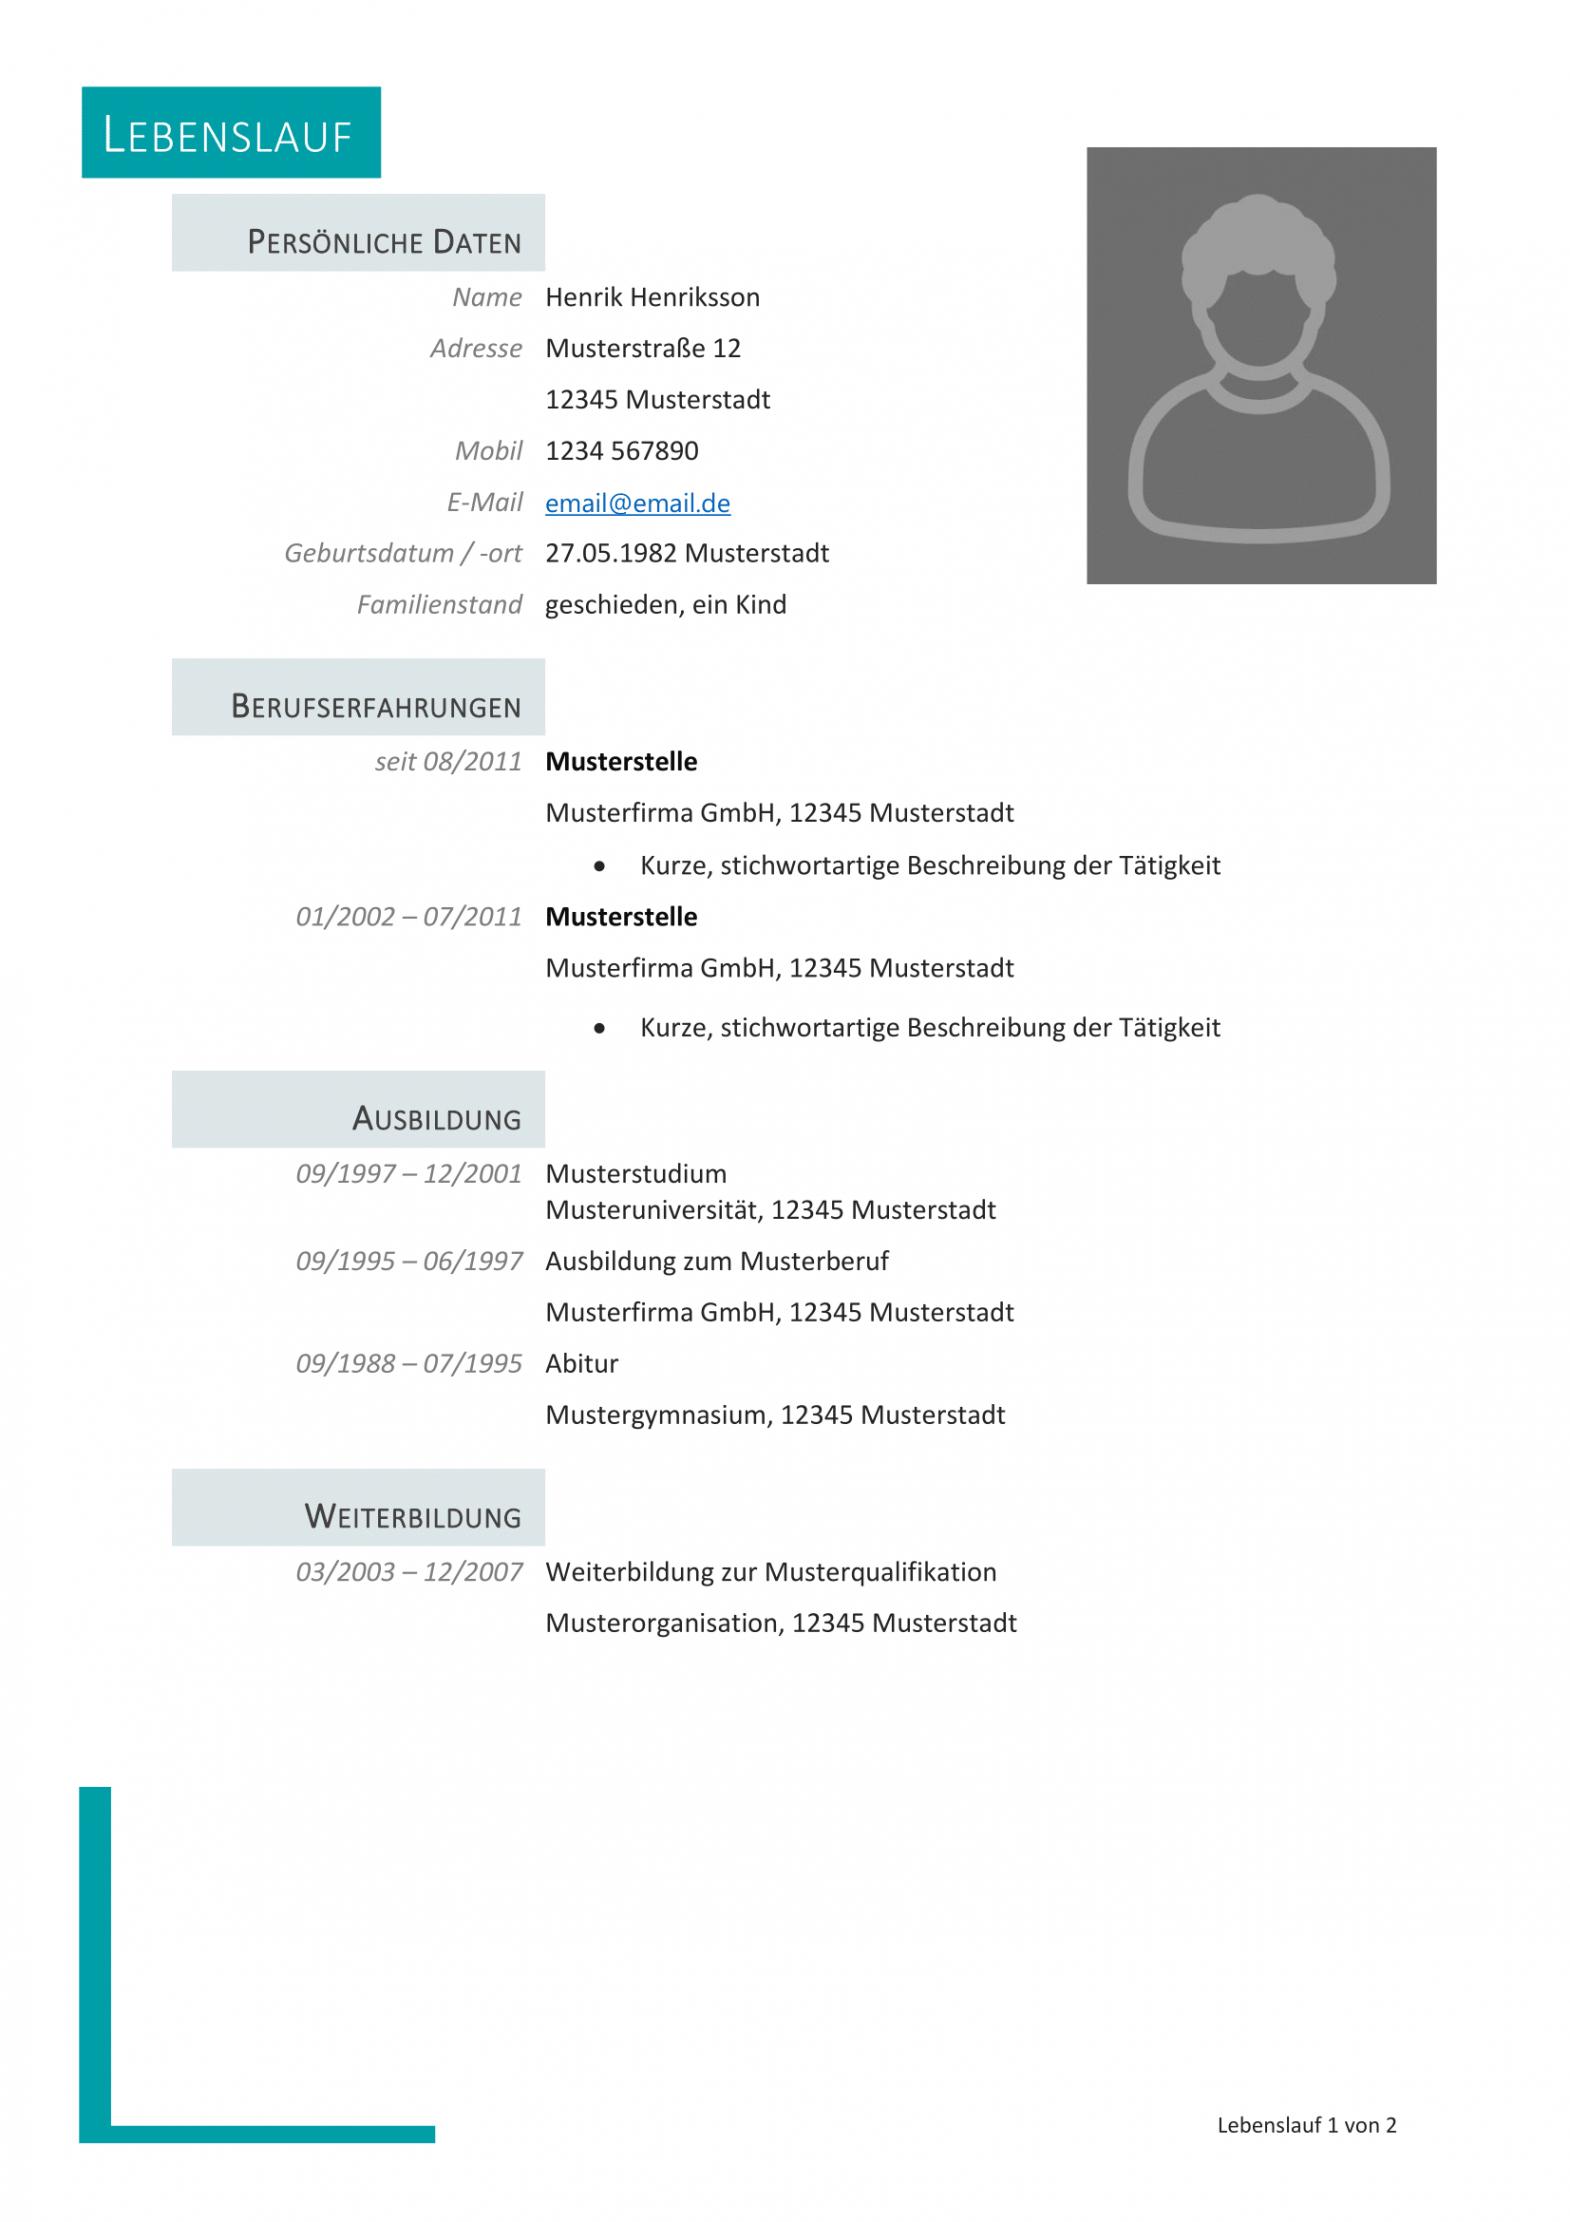 Kostenlose Lebenslauf Muster Und Vorlagen Für Deine Bewerbung 2018 Vorlage Lebenslauf Ohne Anmeldung